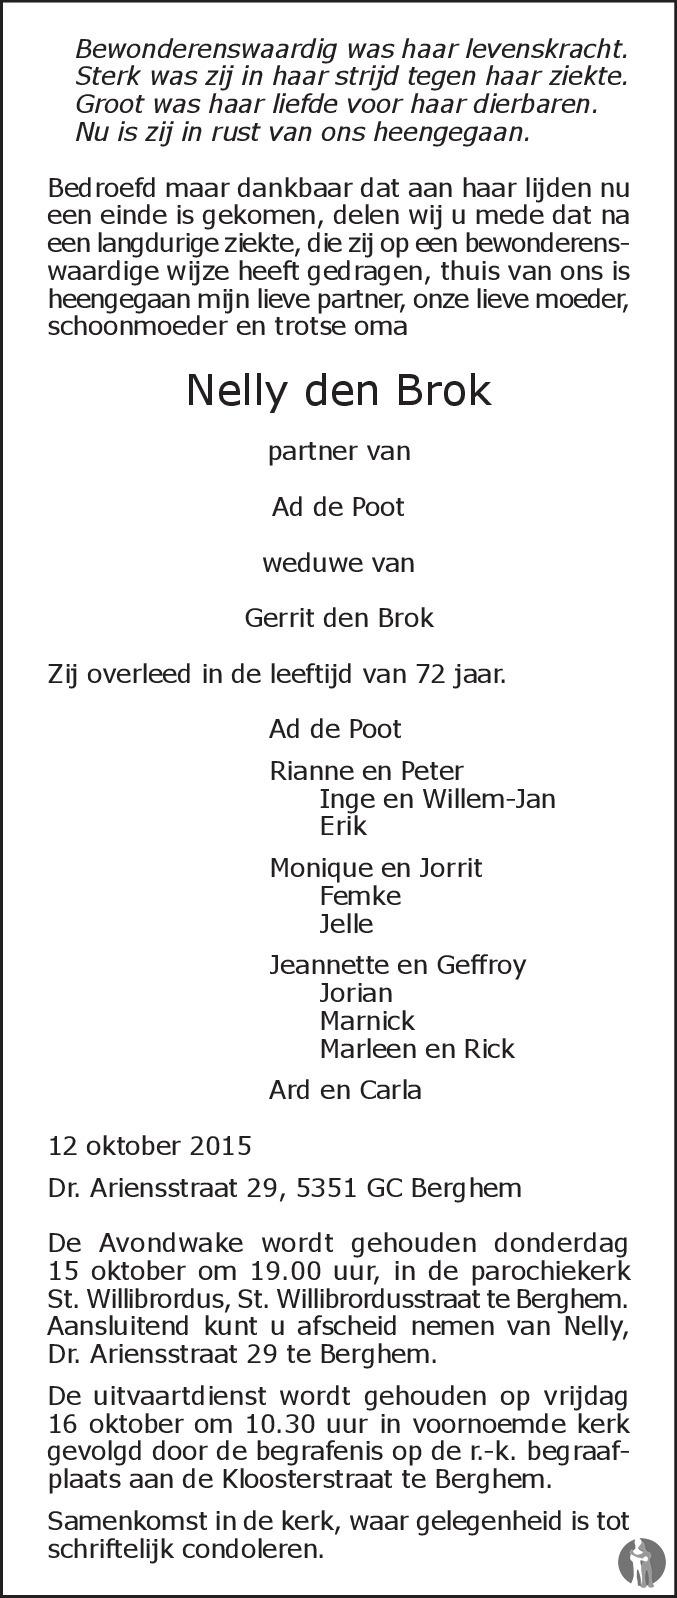 Overlijdensbericht van Nelly den Brok in Brabants Dagblad